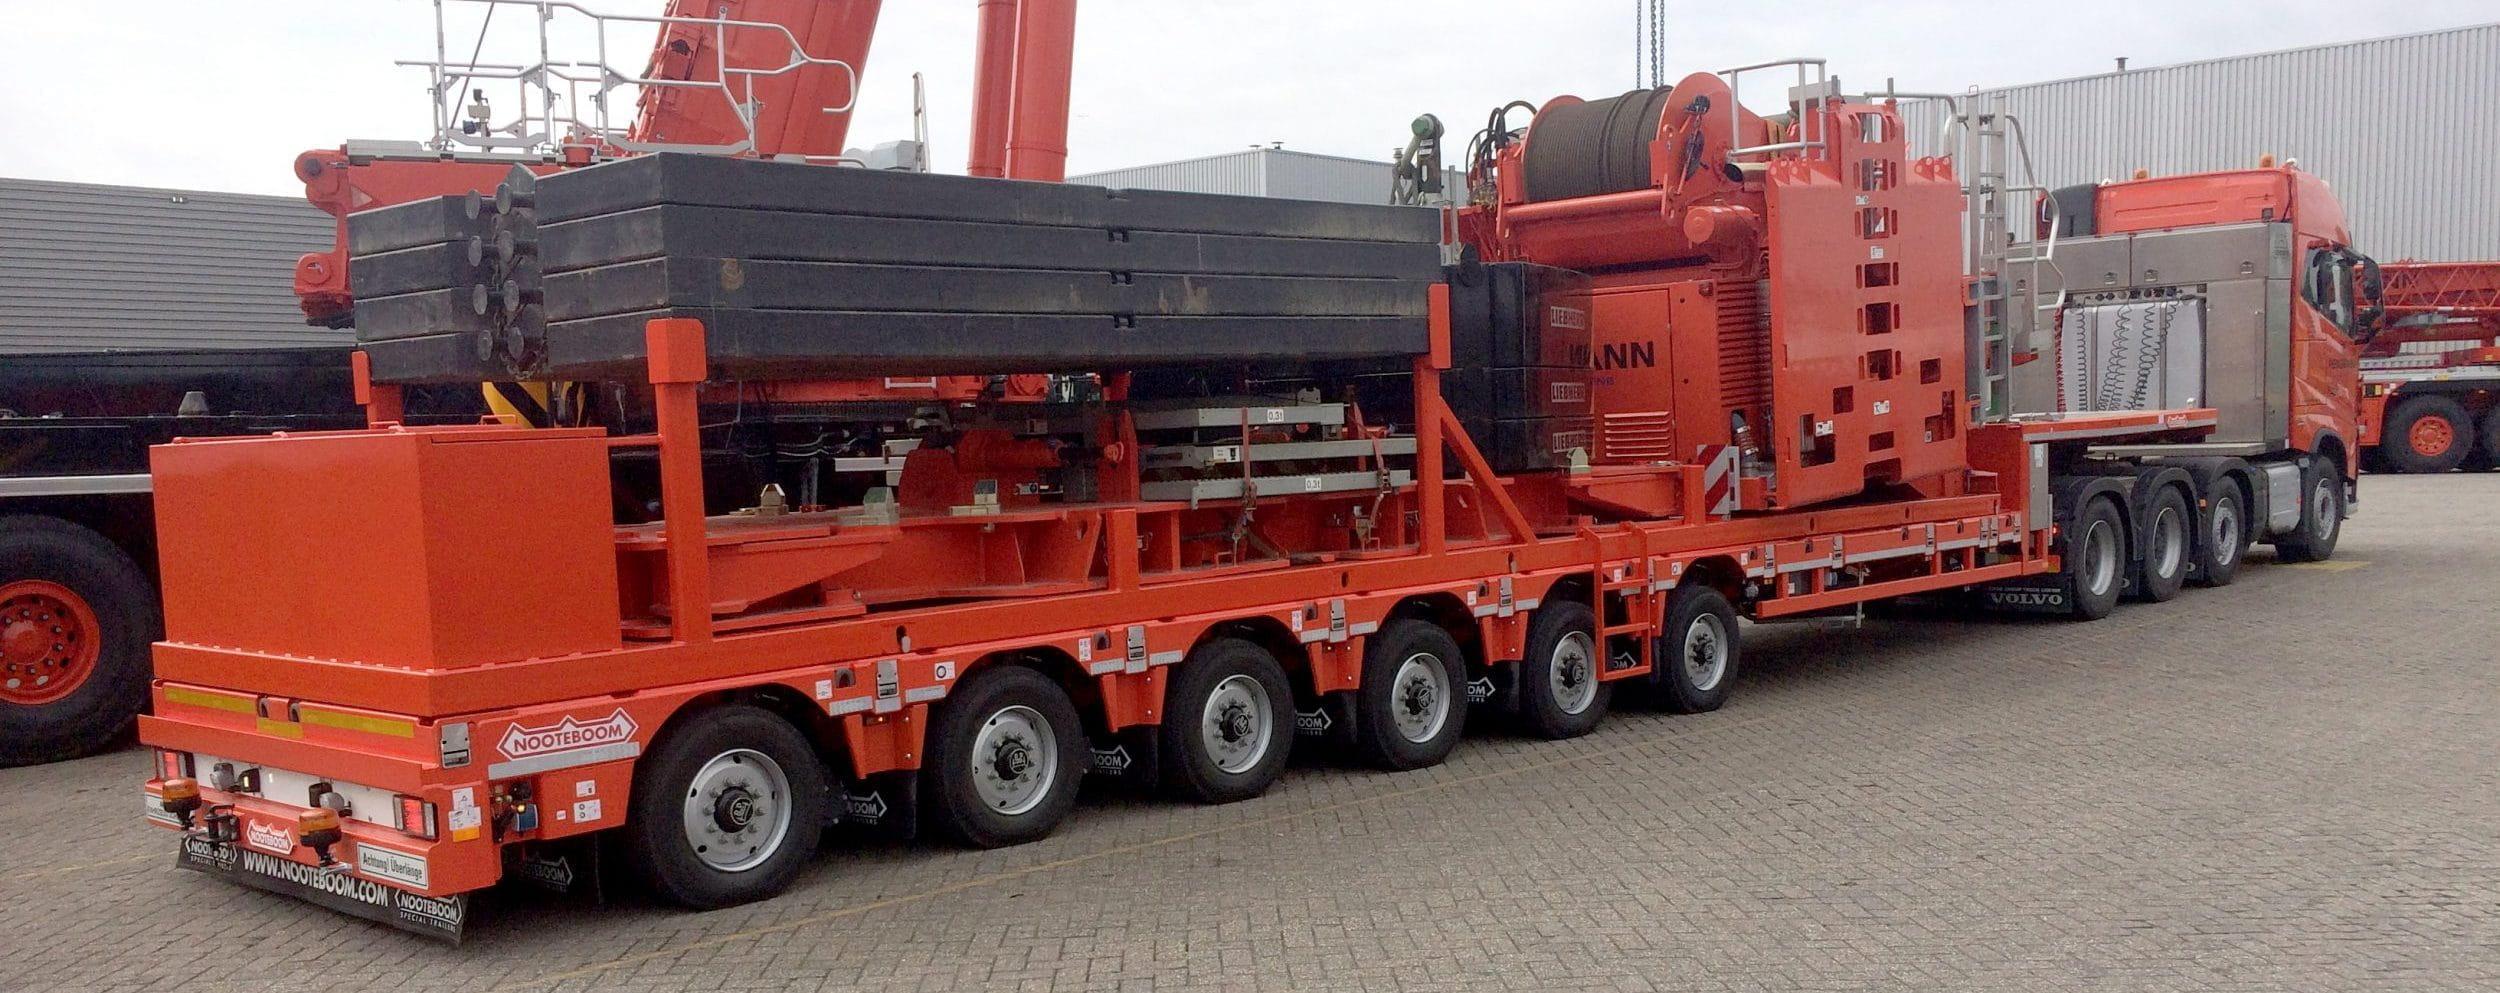 Peinemann Manoovr Ballasttrailer - IMG_0063